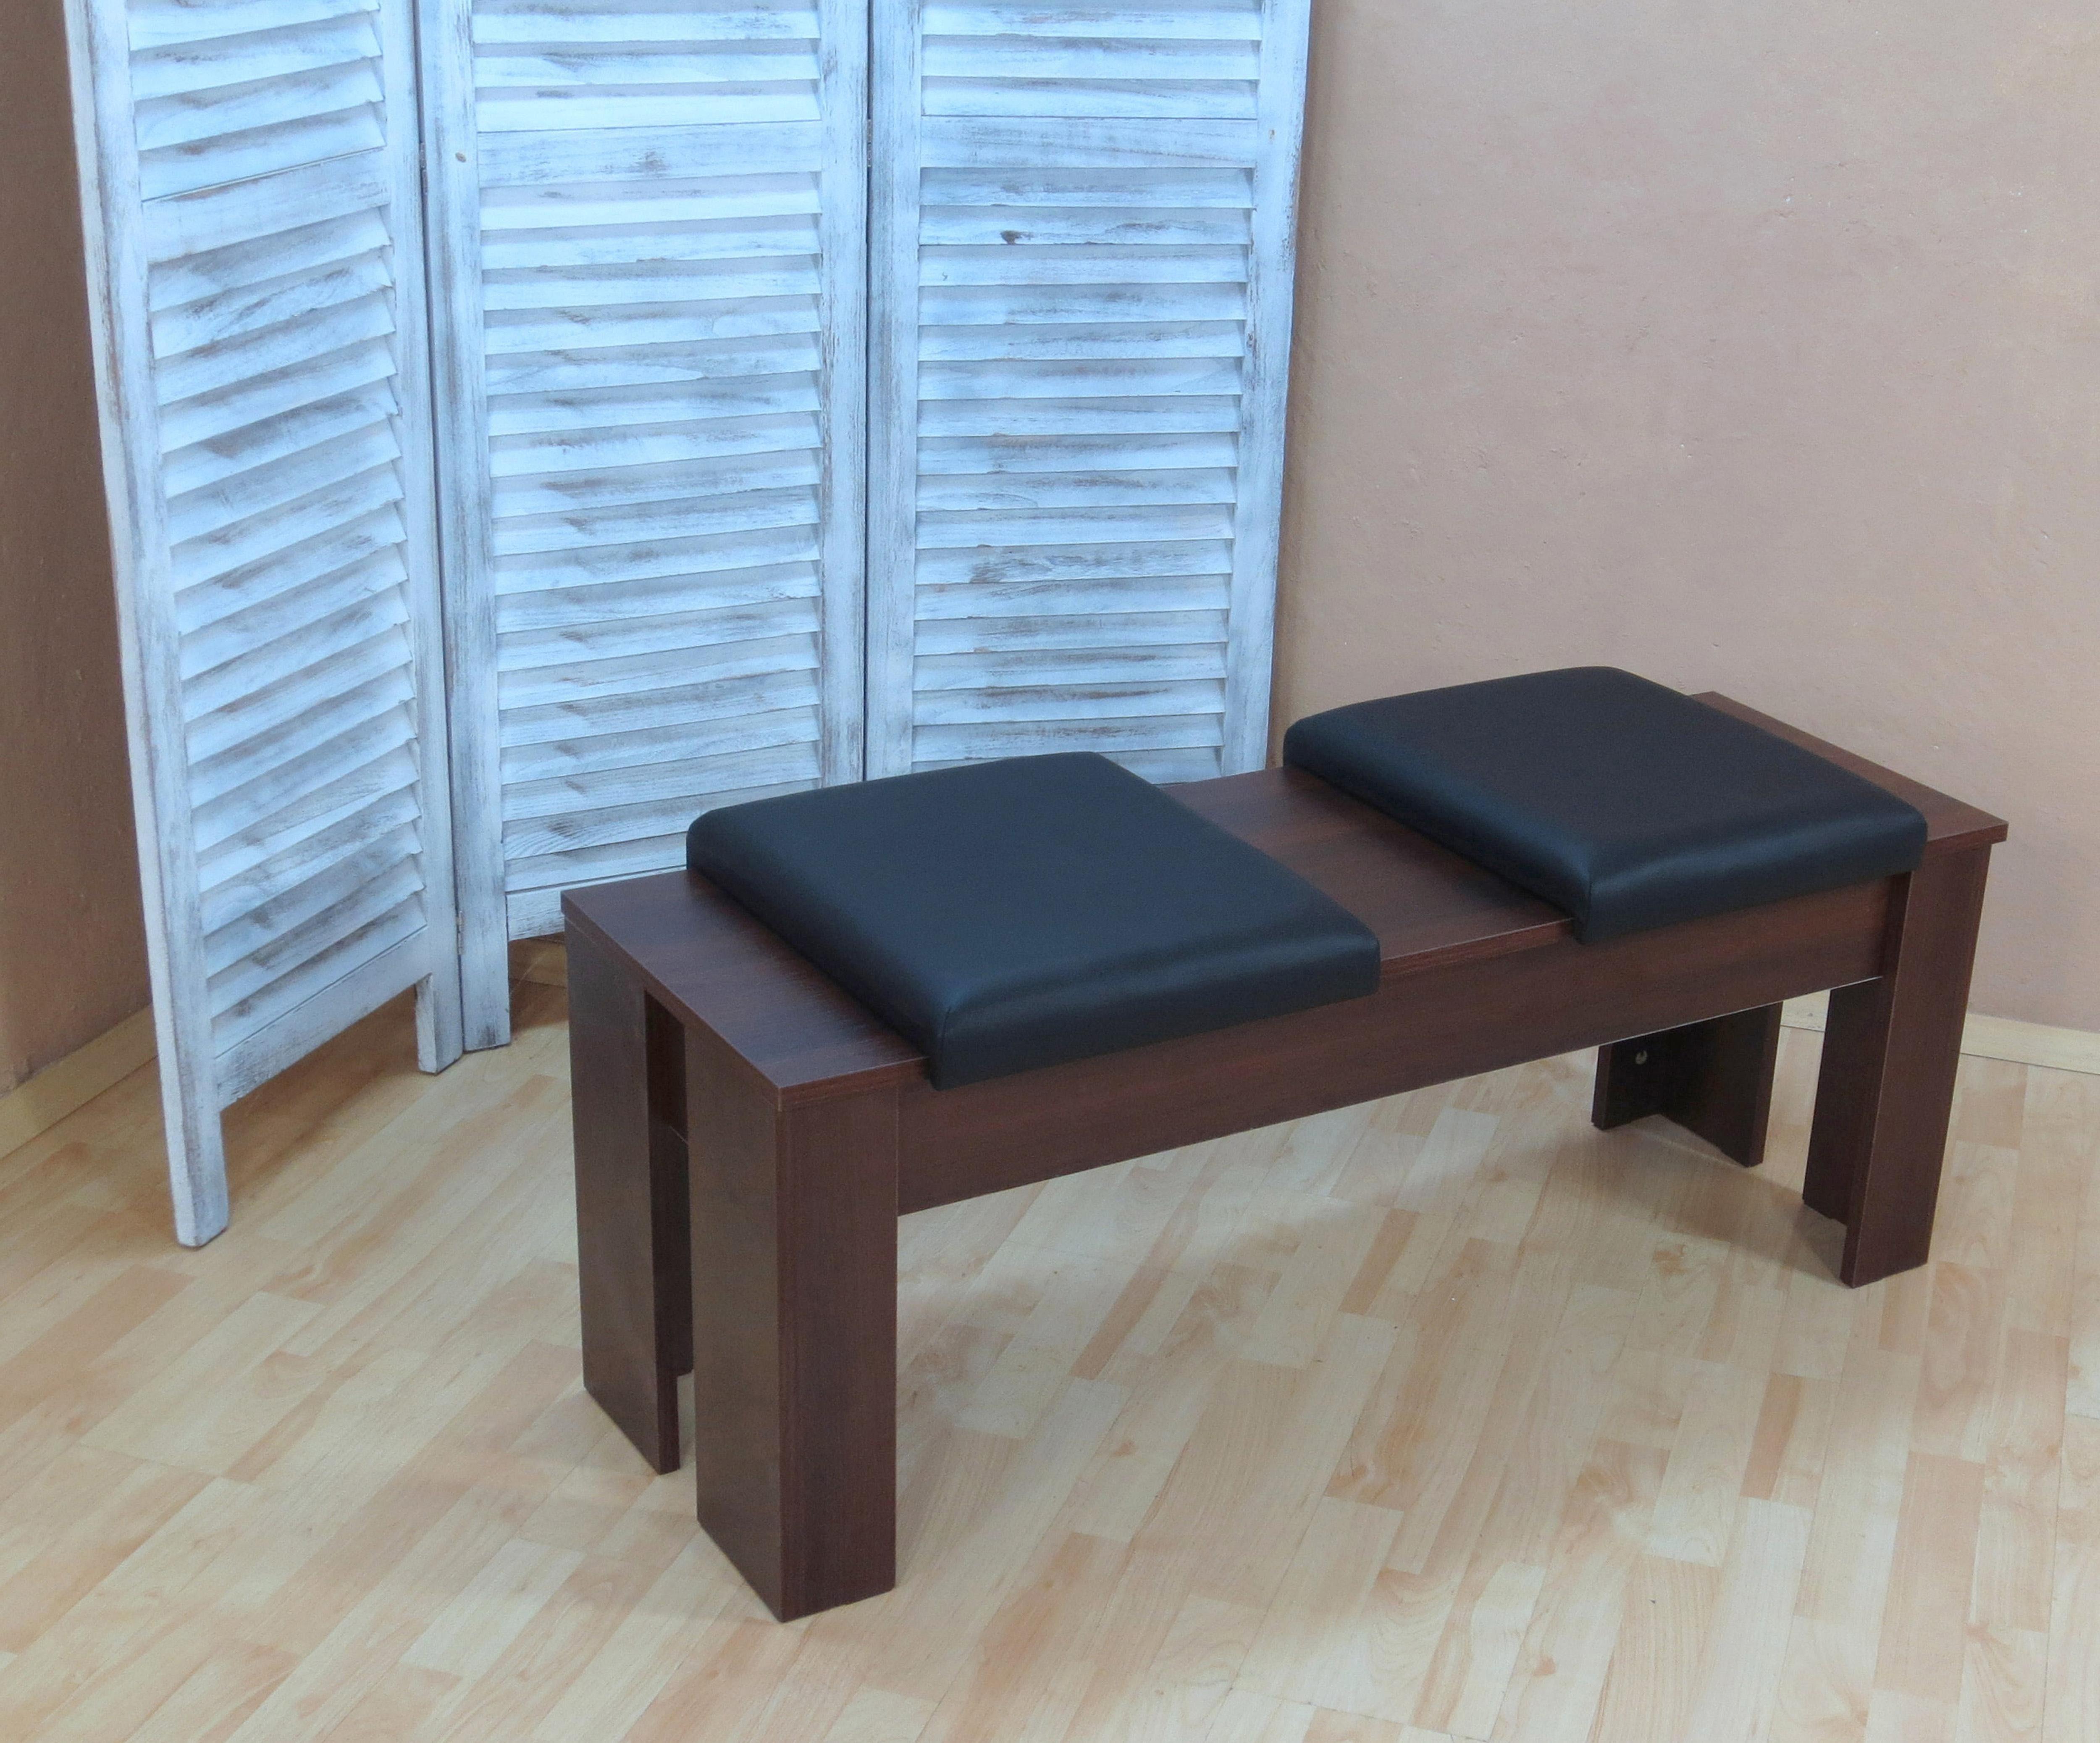 sitzbank esszimmer leiner. Black Bedroom Furniture Sets. Home Design Ideas